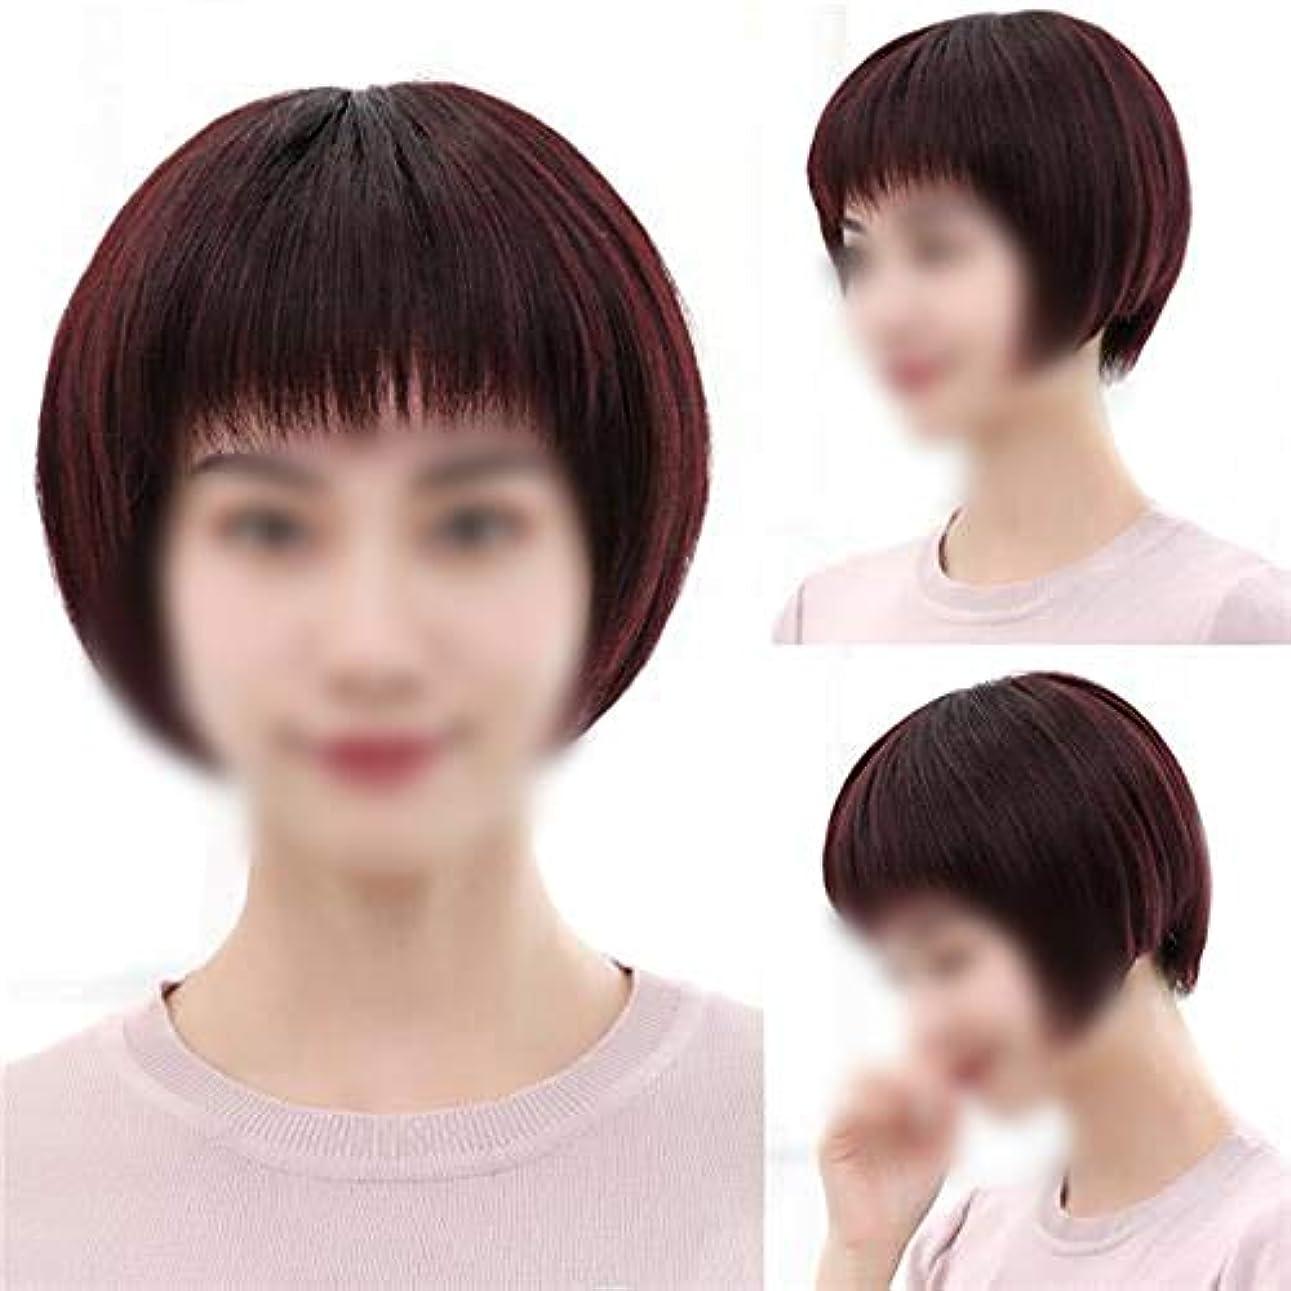 優遇さようなら財布YOUQIU 女性の中年ウィッグウィッグボブショートストレート髪のフルハンド織実ヘアウィッグ (色 : Dark brown)